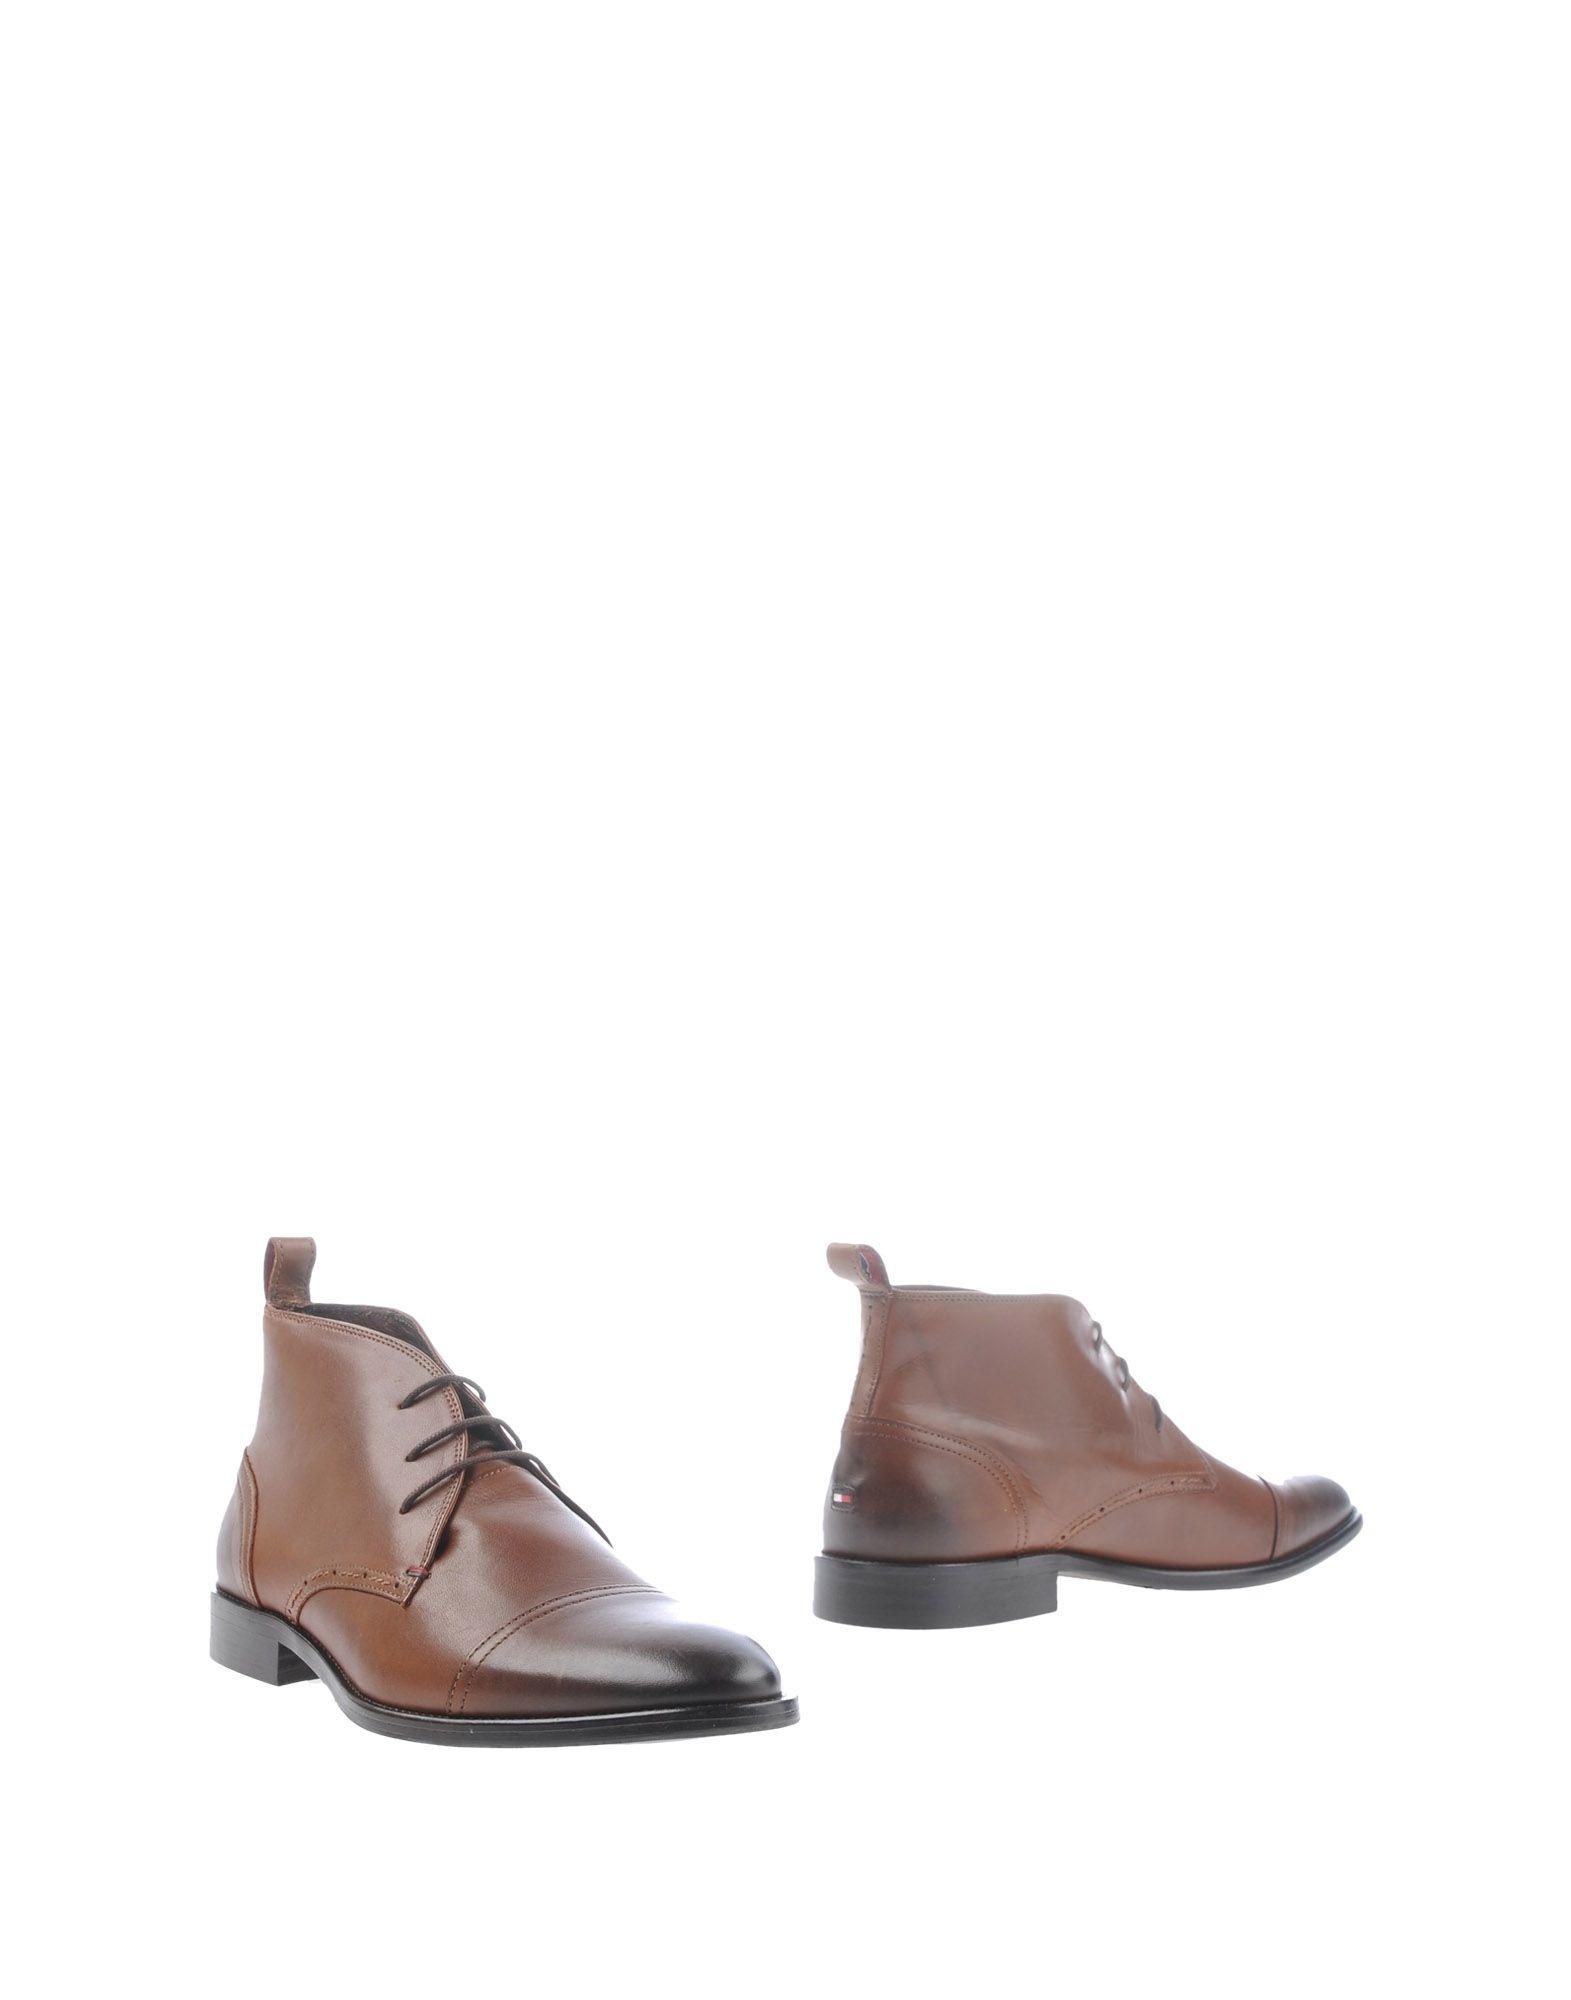 tommy hilfiger ankle boots in brown for men lyst. Black Bedroom Furniture Sets. Home Design Ideas